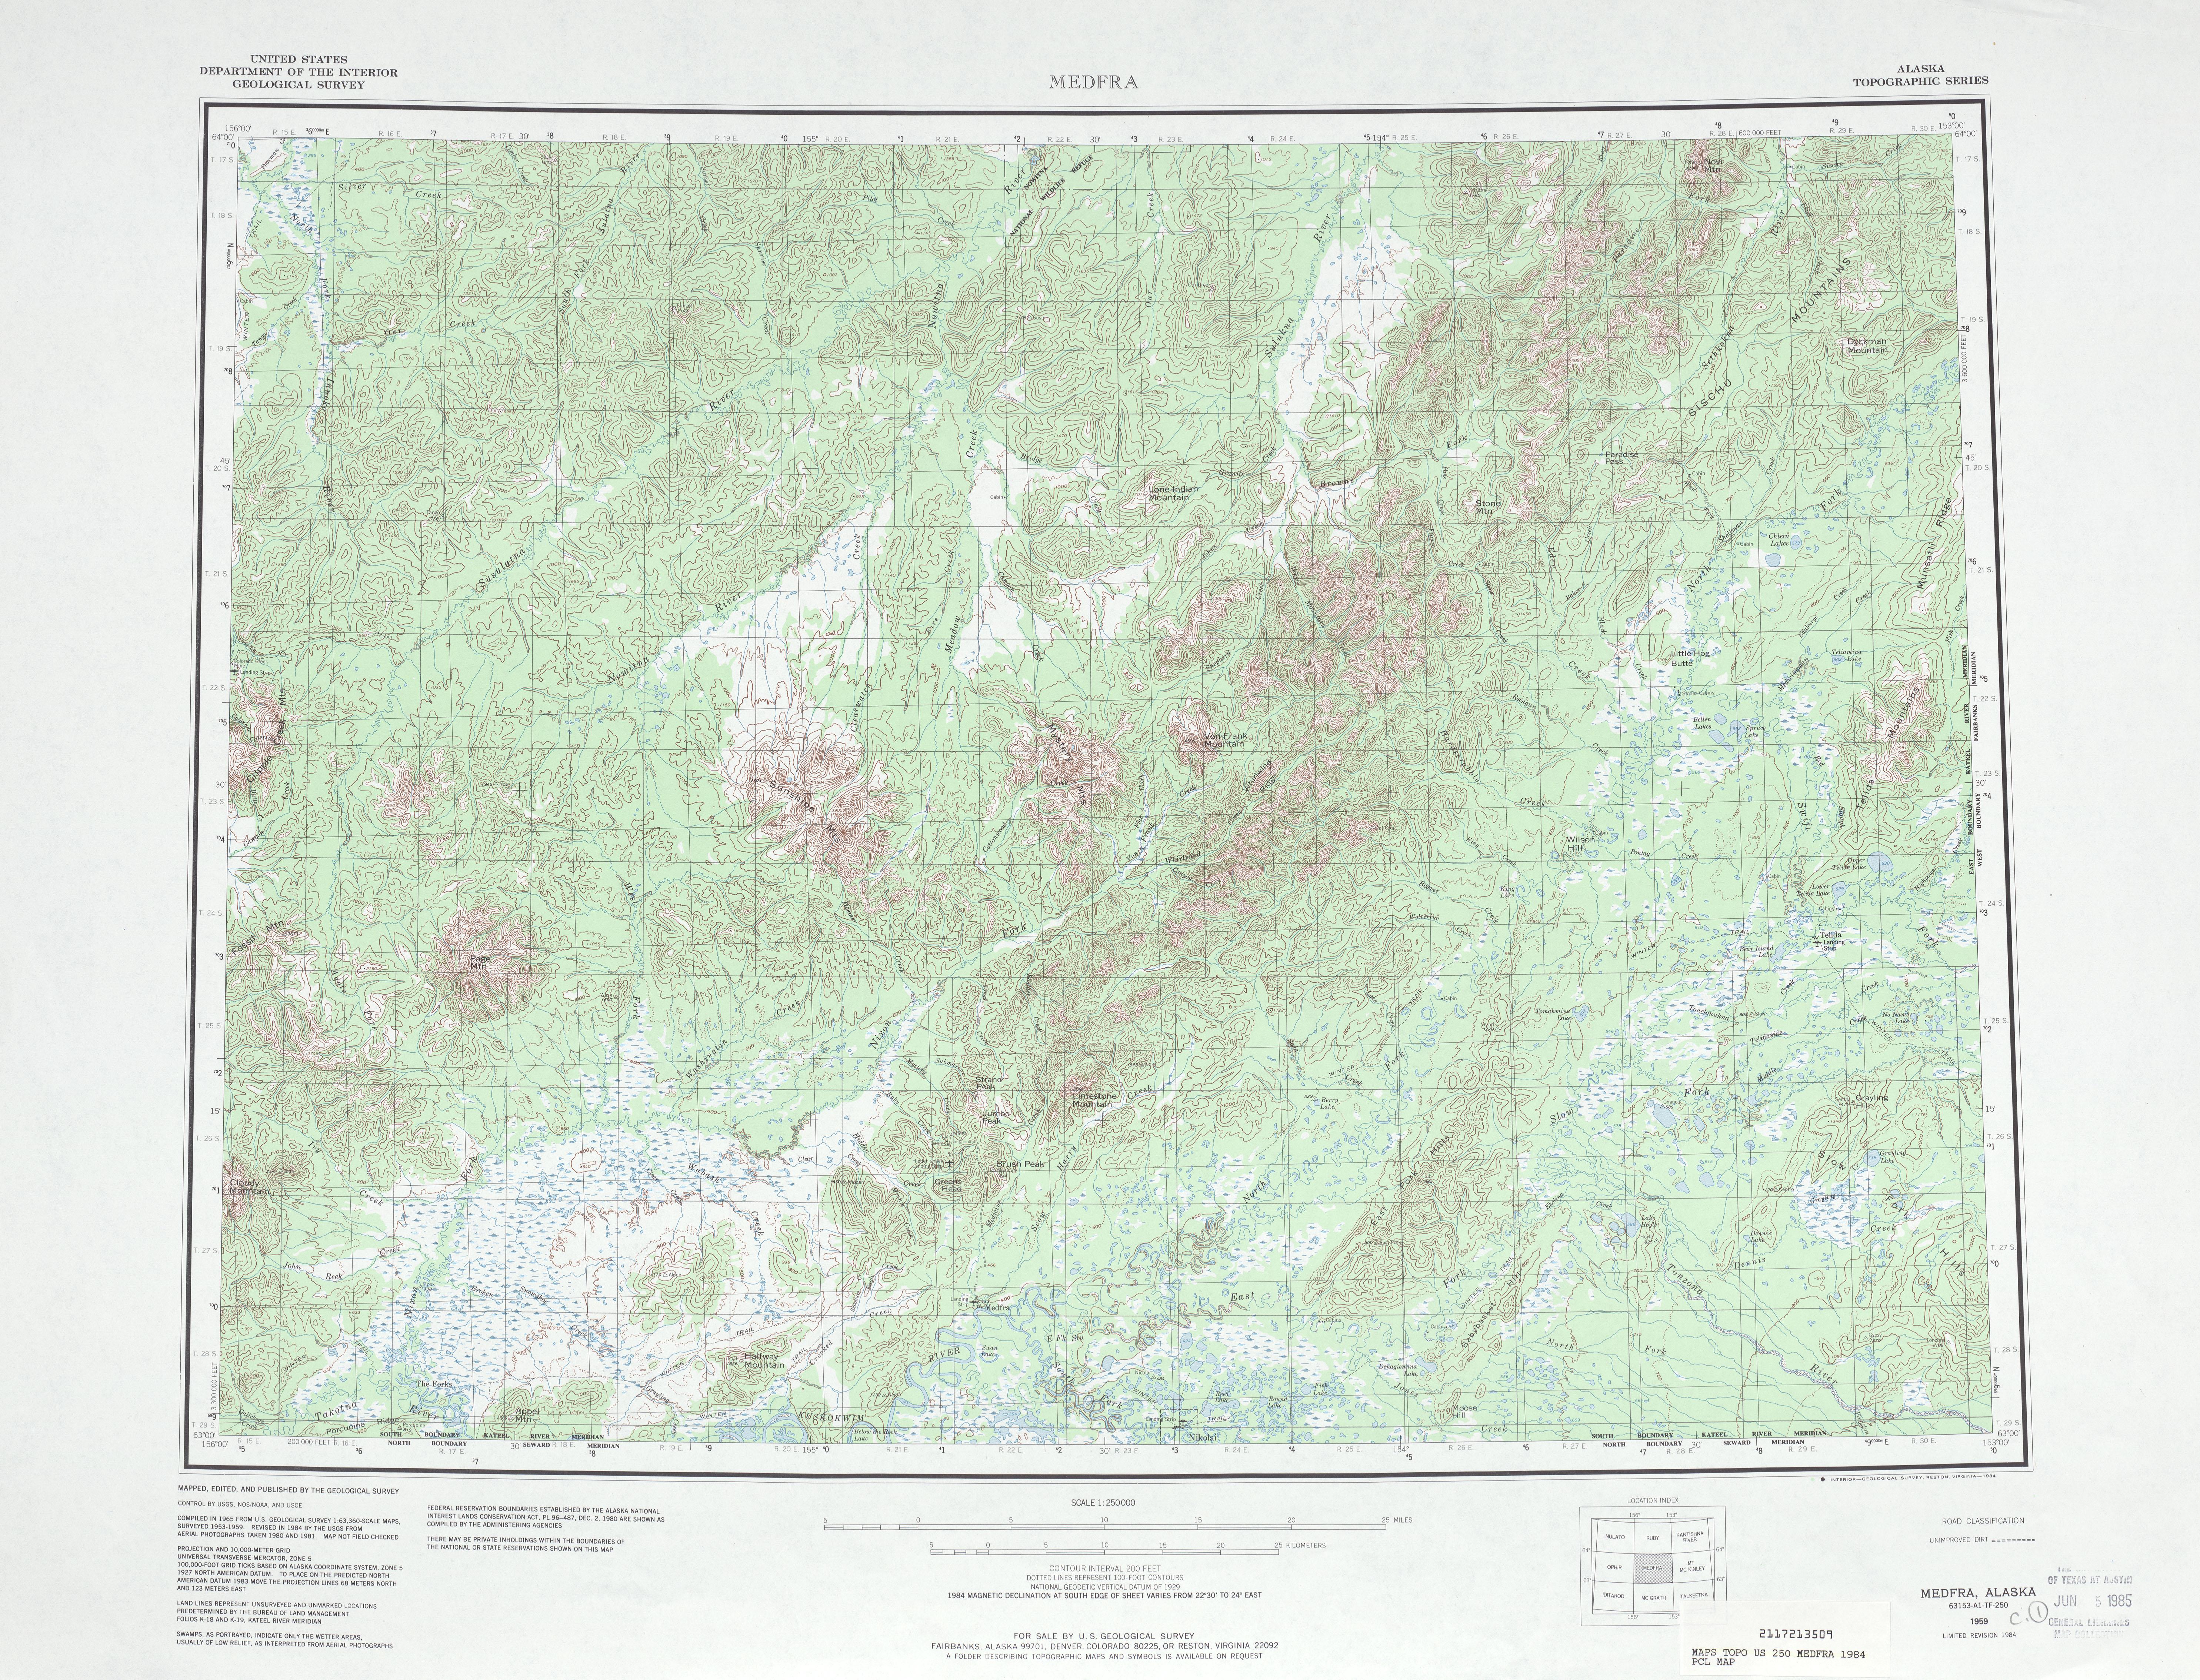 Hoja Medfra del Mapa Topográfico de los Estados Unidos 1984